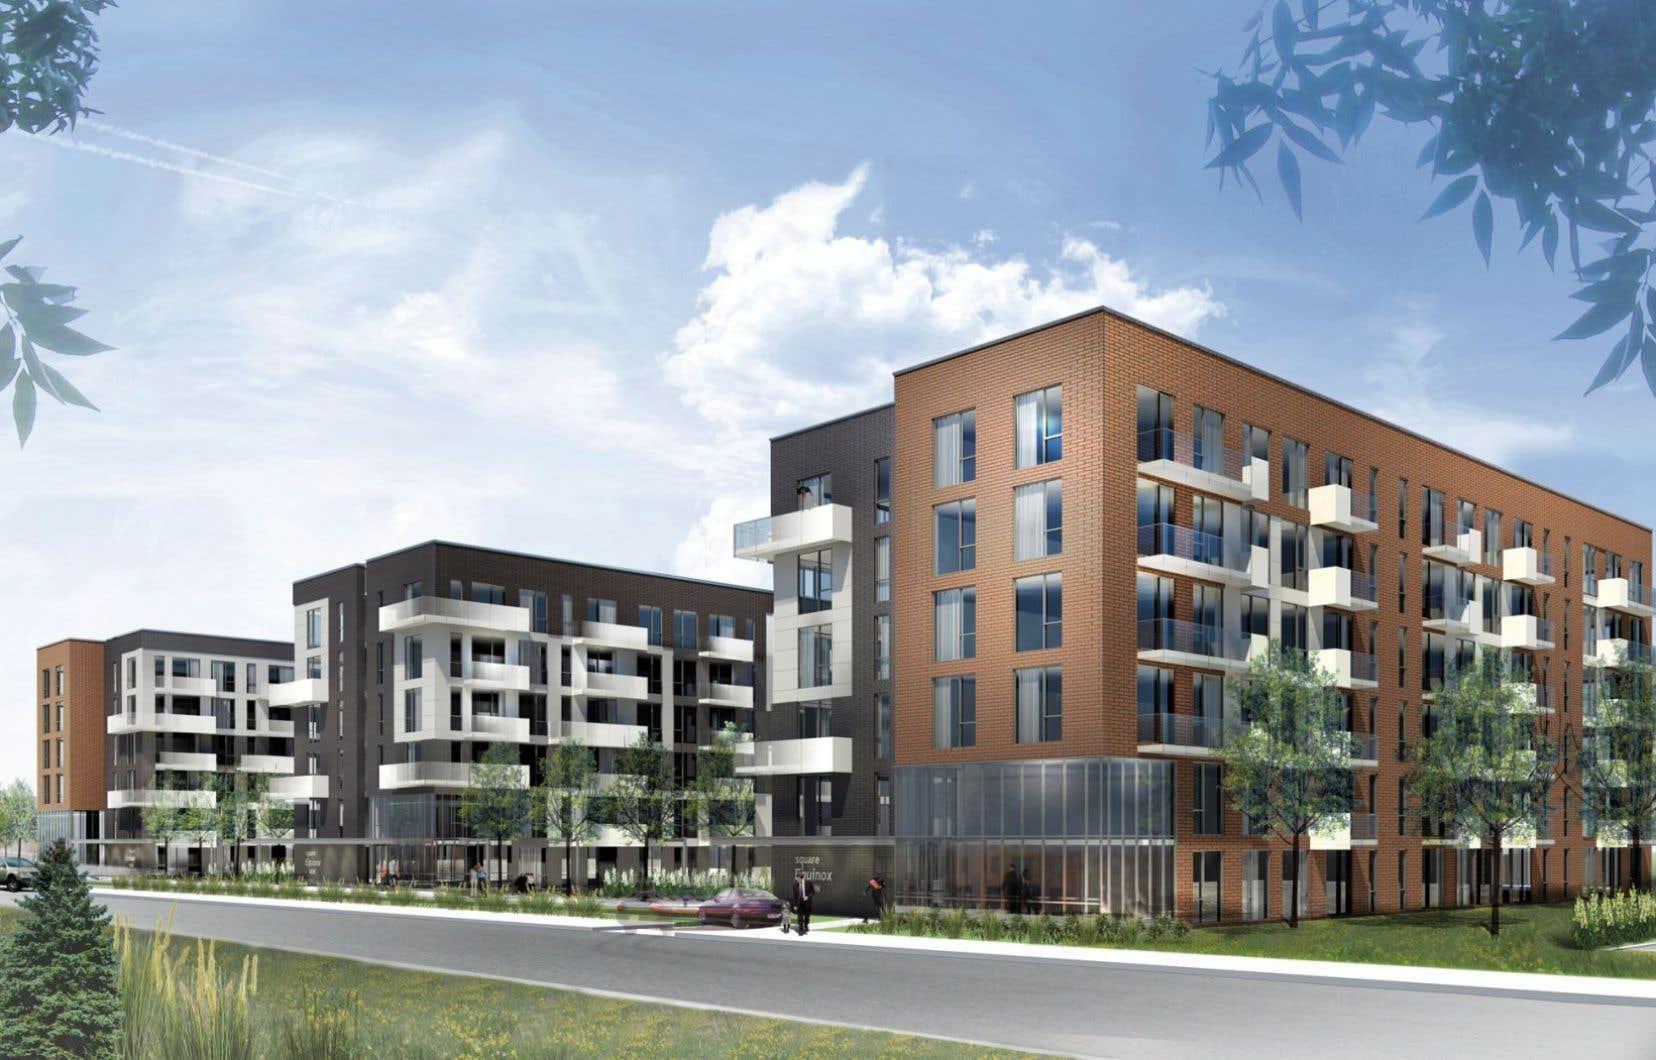 Les premiers acheteurs séduits par le projet emménagent ces jours-ci dans la phase I du Square Equinox, un bâtiment de 55 unités sur six étages.